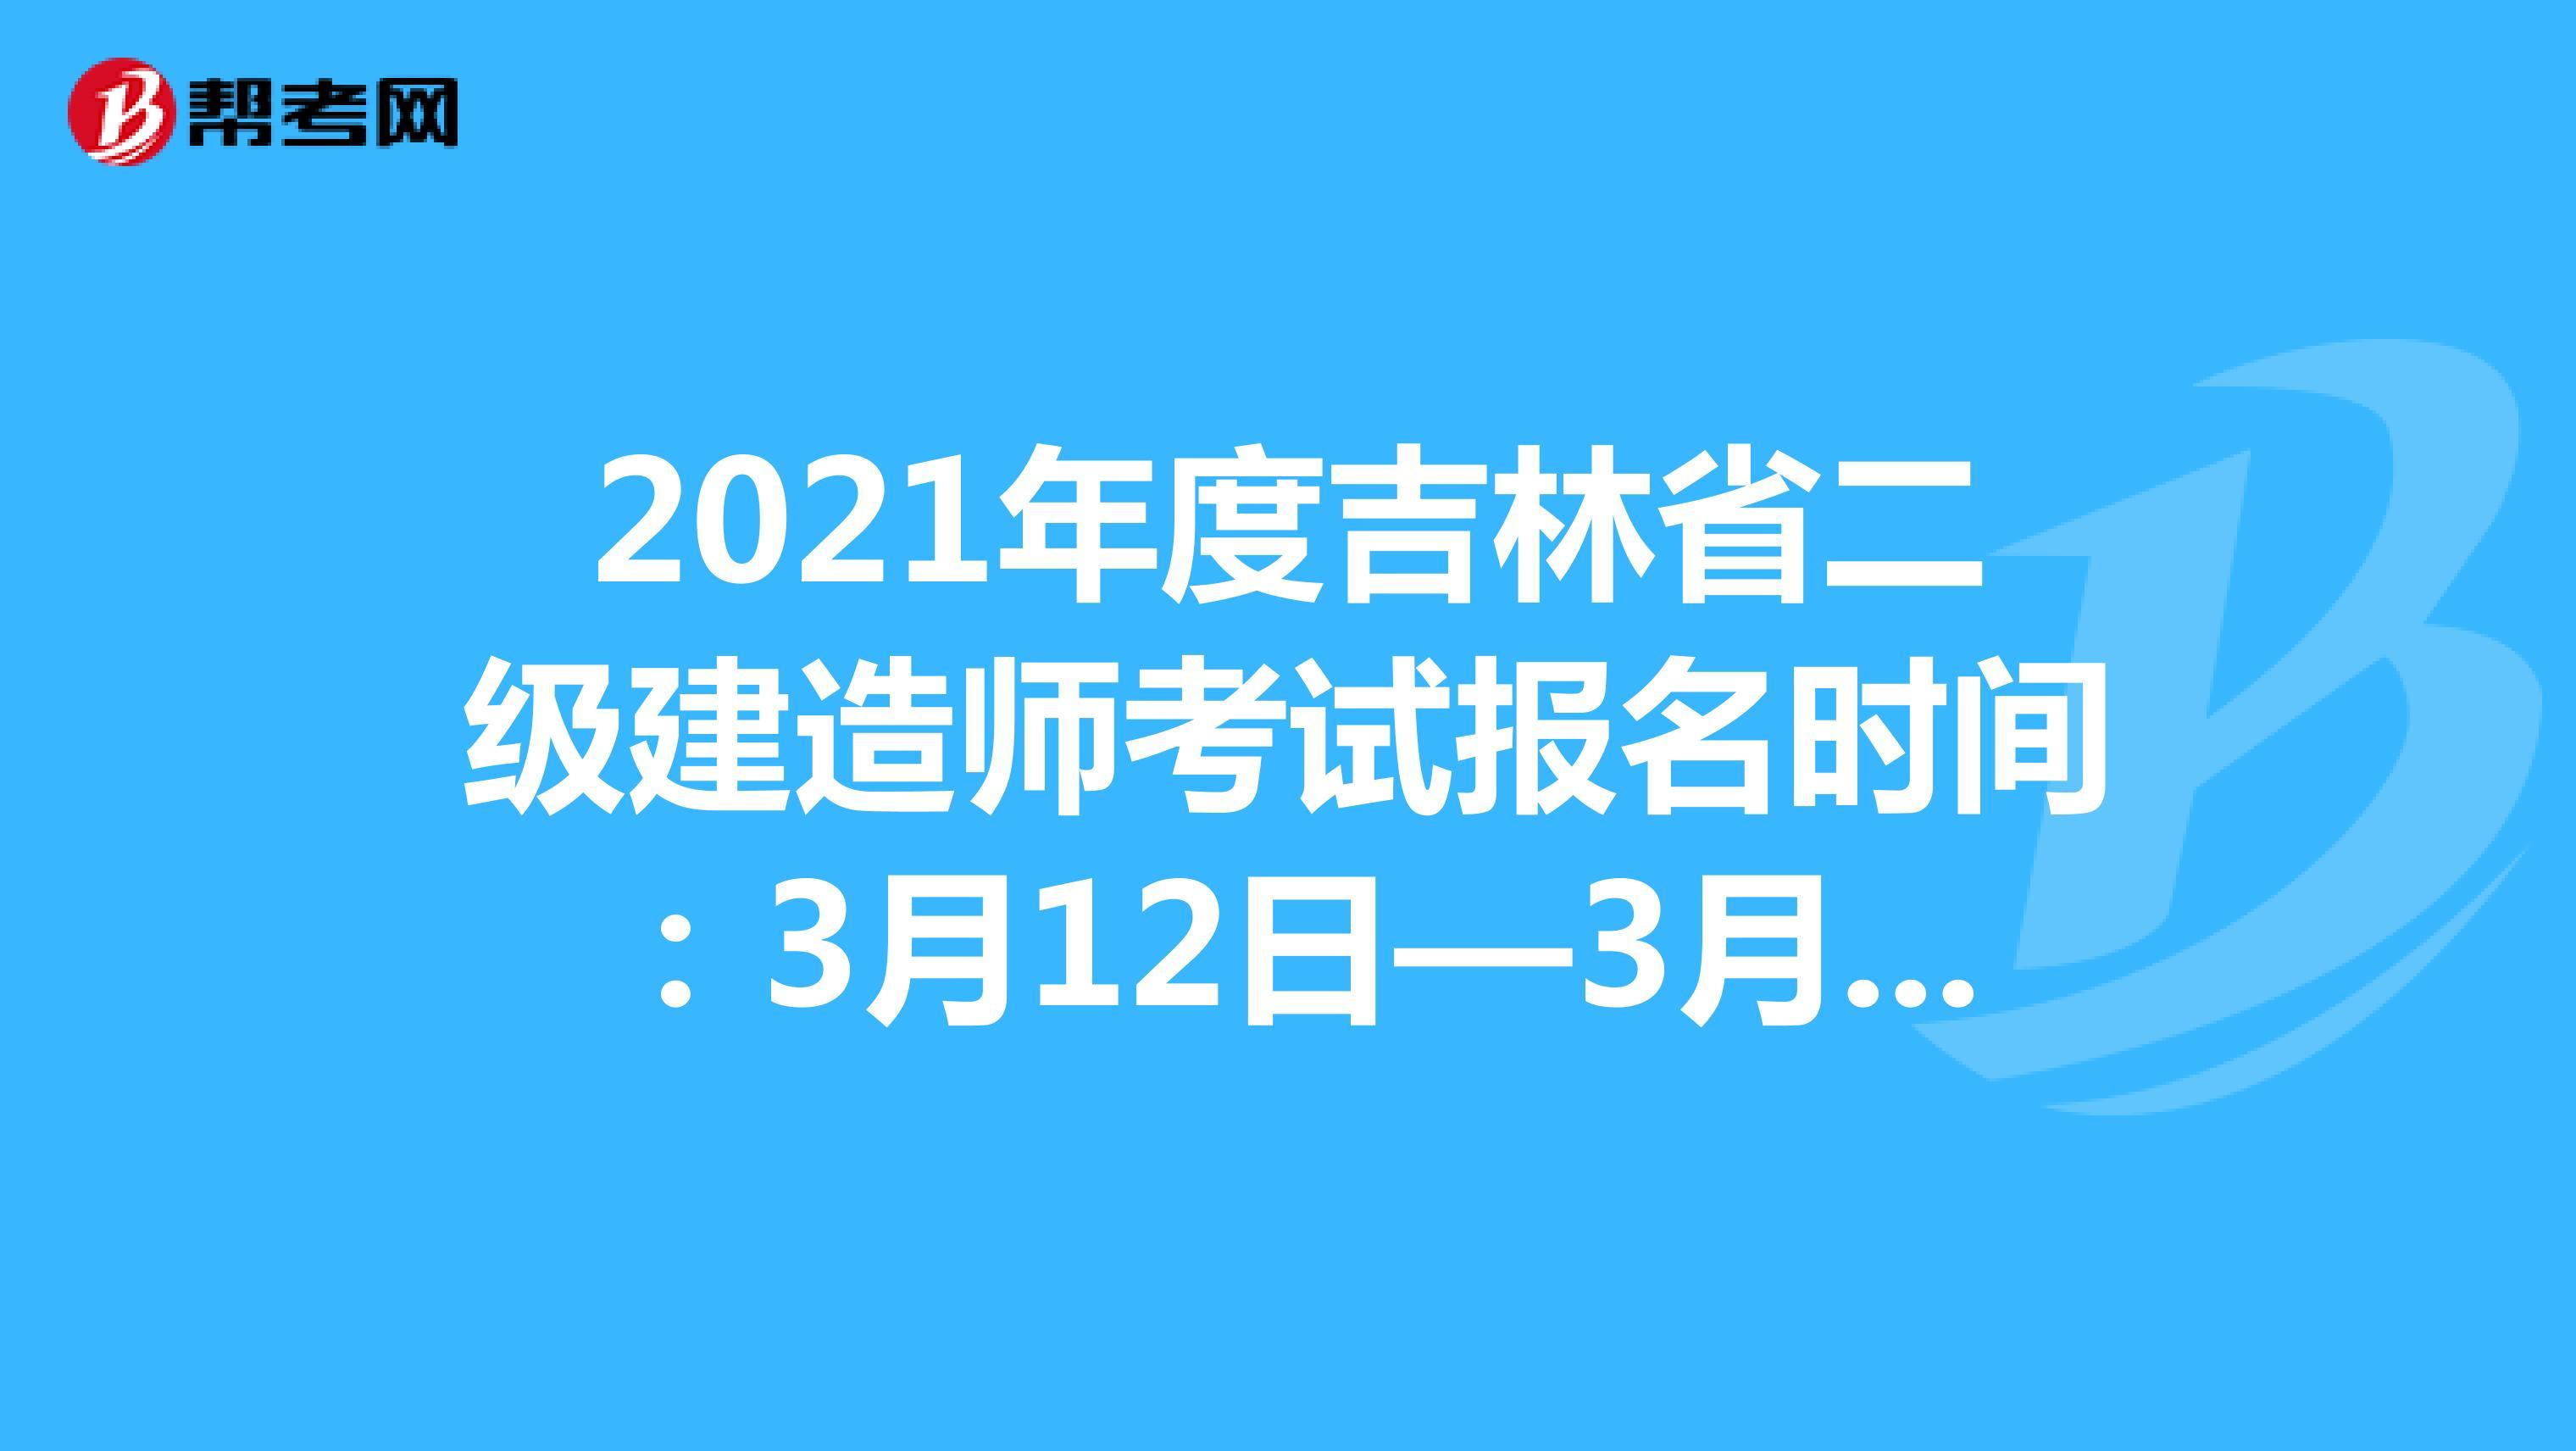 2021年度吉林省二級建造師考試報名時間:3月12日-3月22日